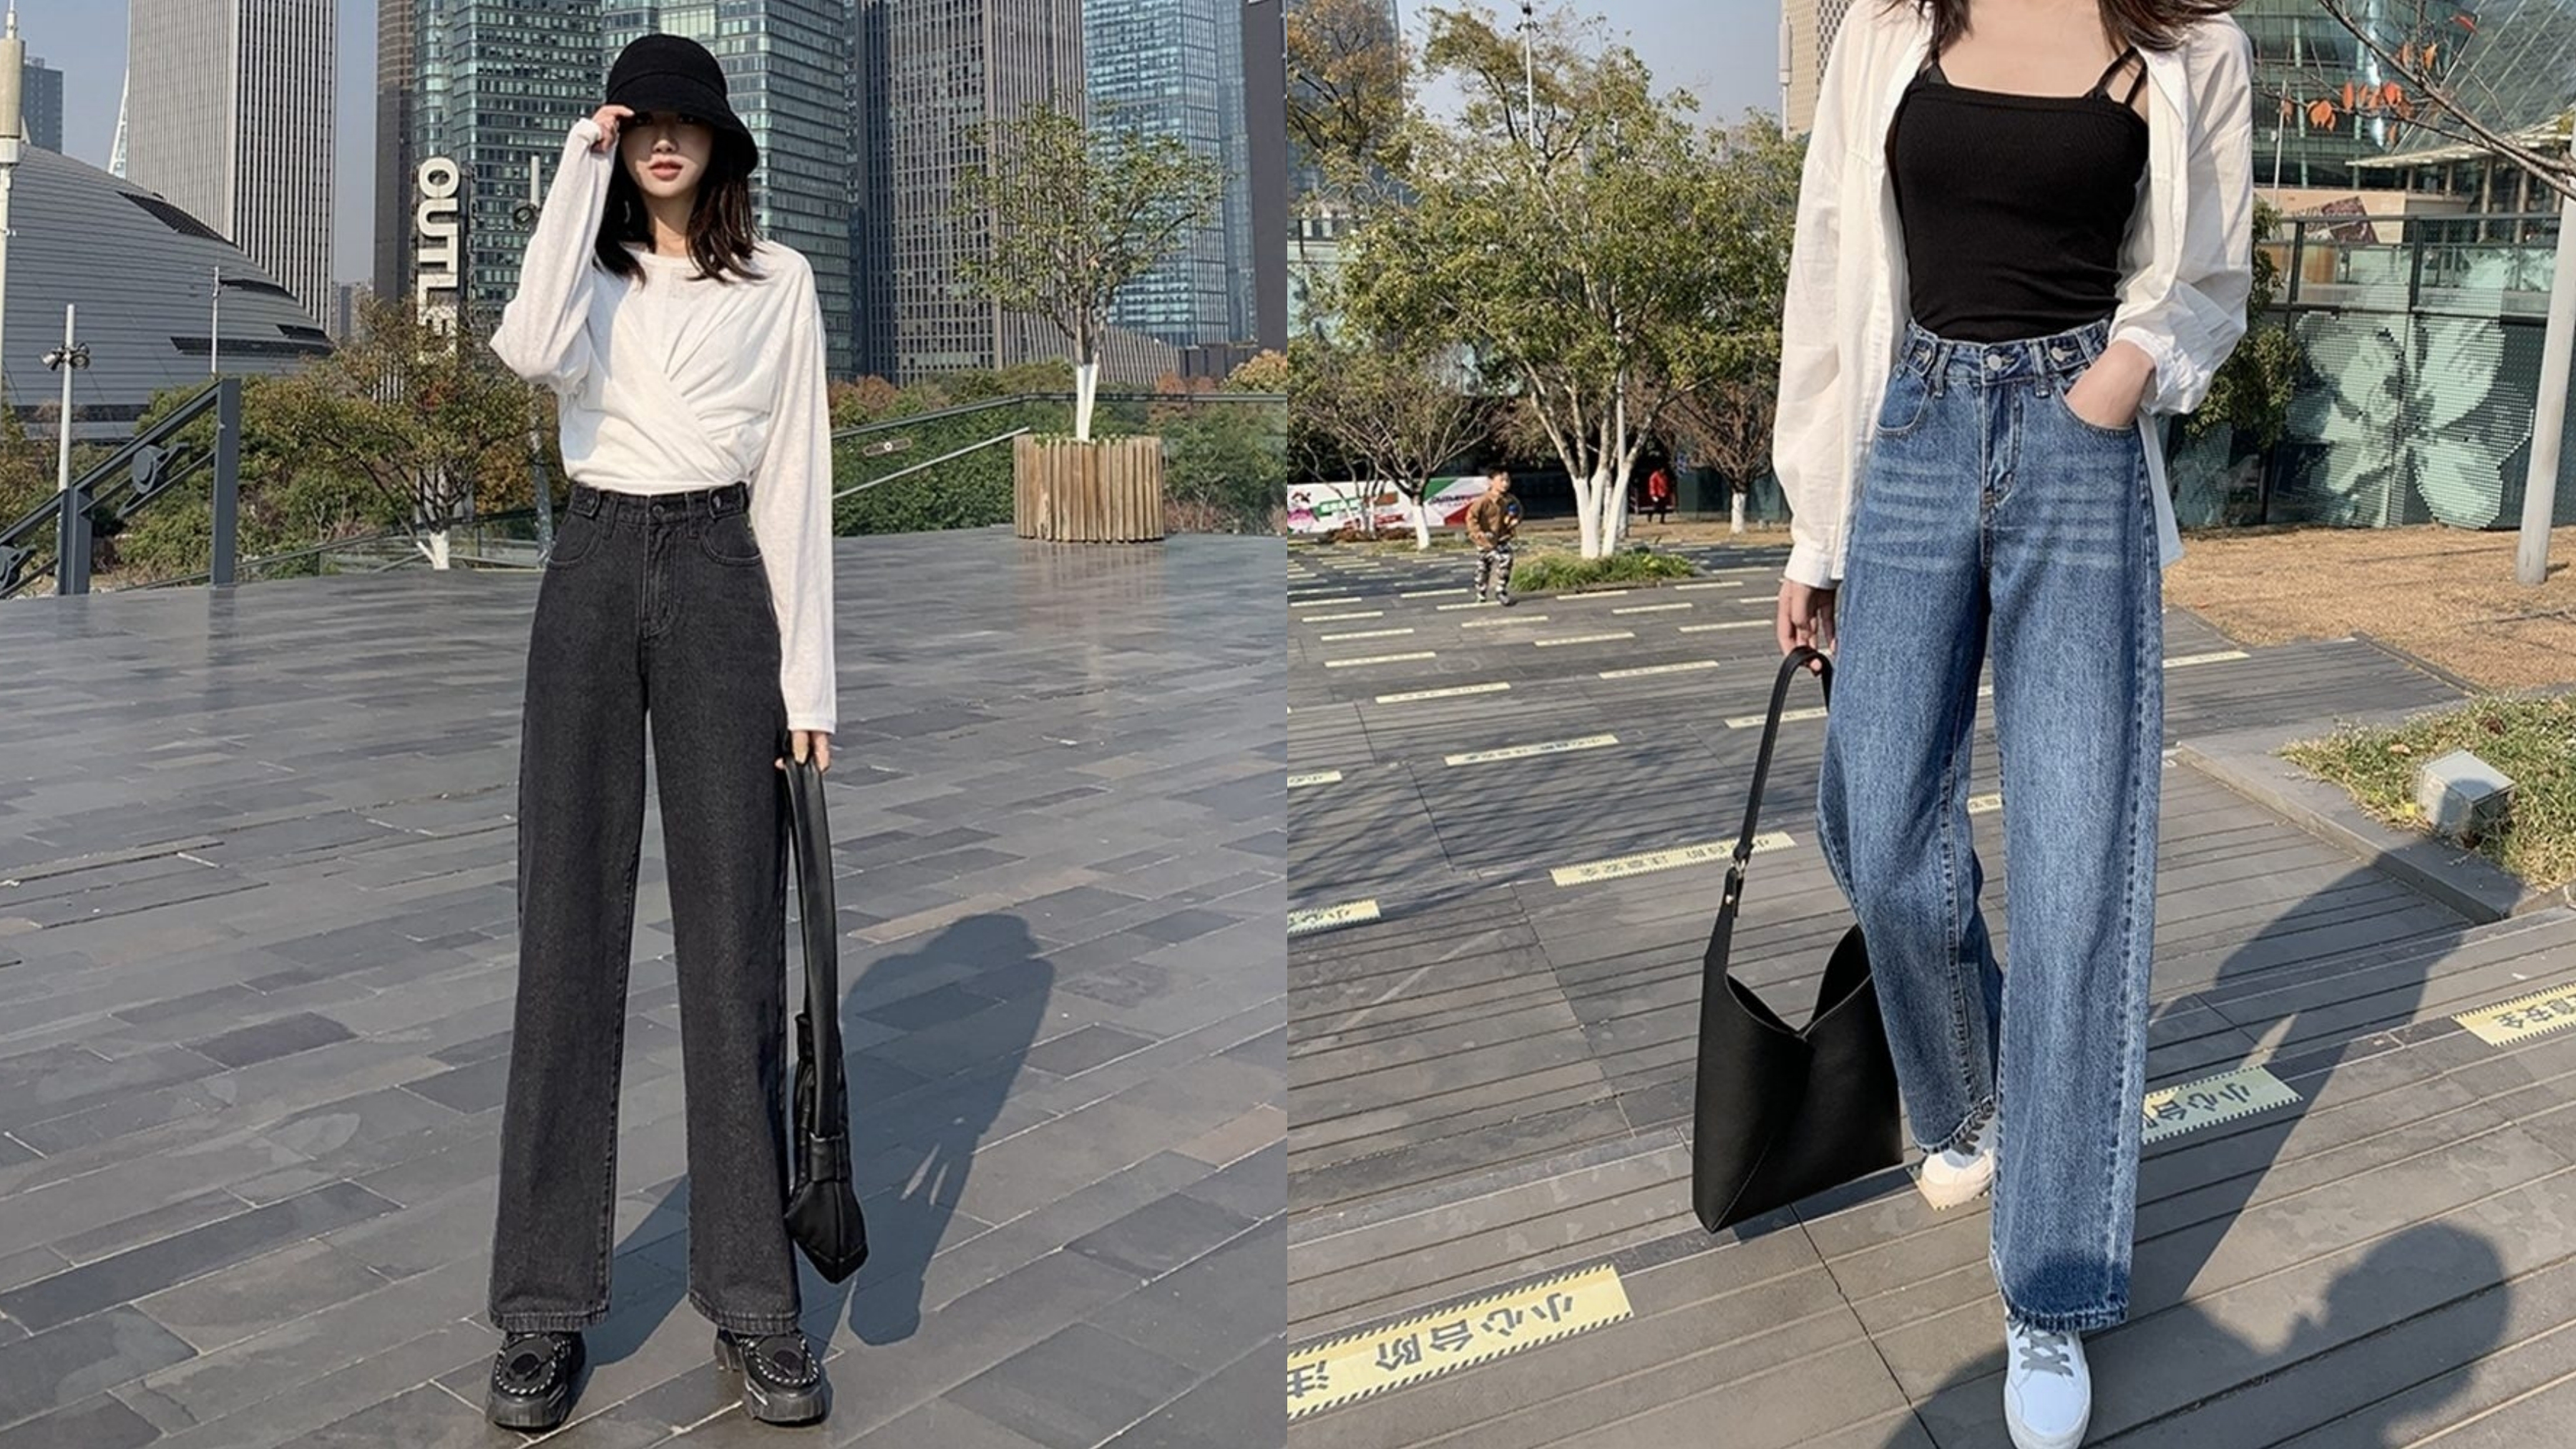 穿搭舒適的牛仔褲,沒有流行時限,加上腰&臀比例剛剛好,完全修身顯瘦